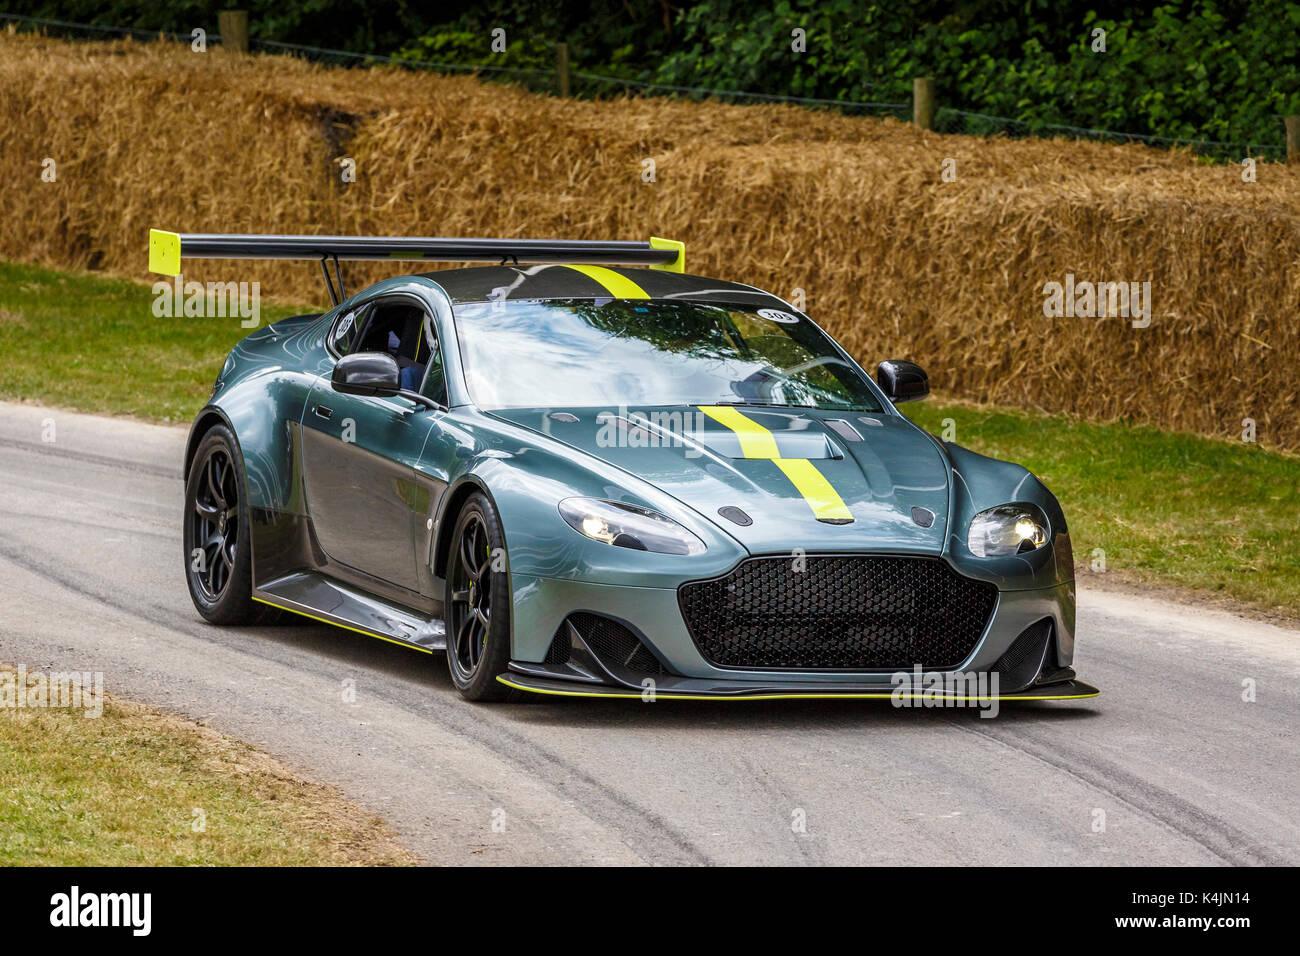 2017 Aston Martin Vantage Amr Pro Am Goodwood Festival 2017 Von Geschwindigkeit Sussex Uk Stockfotografie Alamy